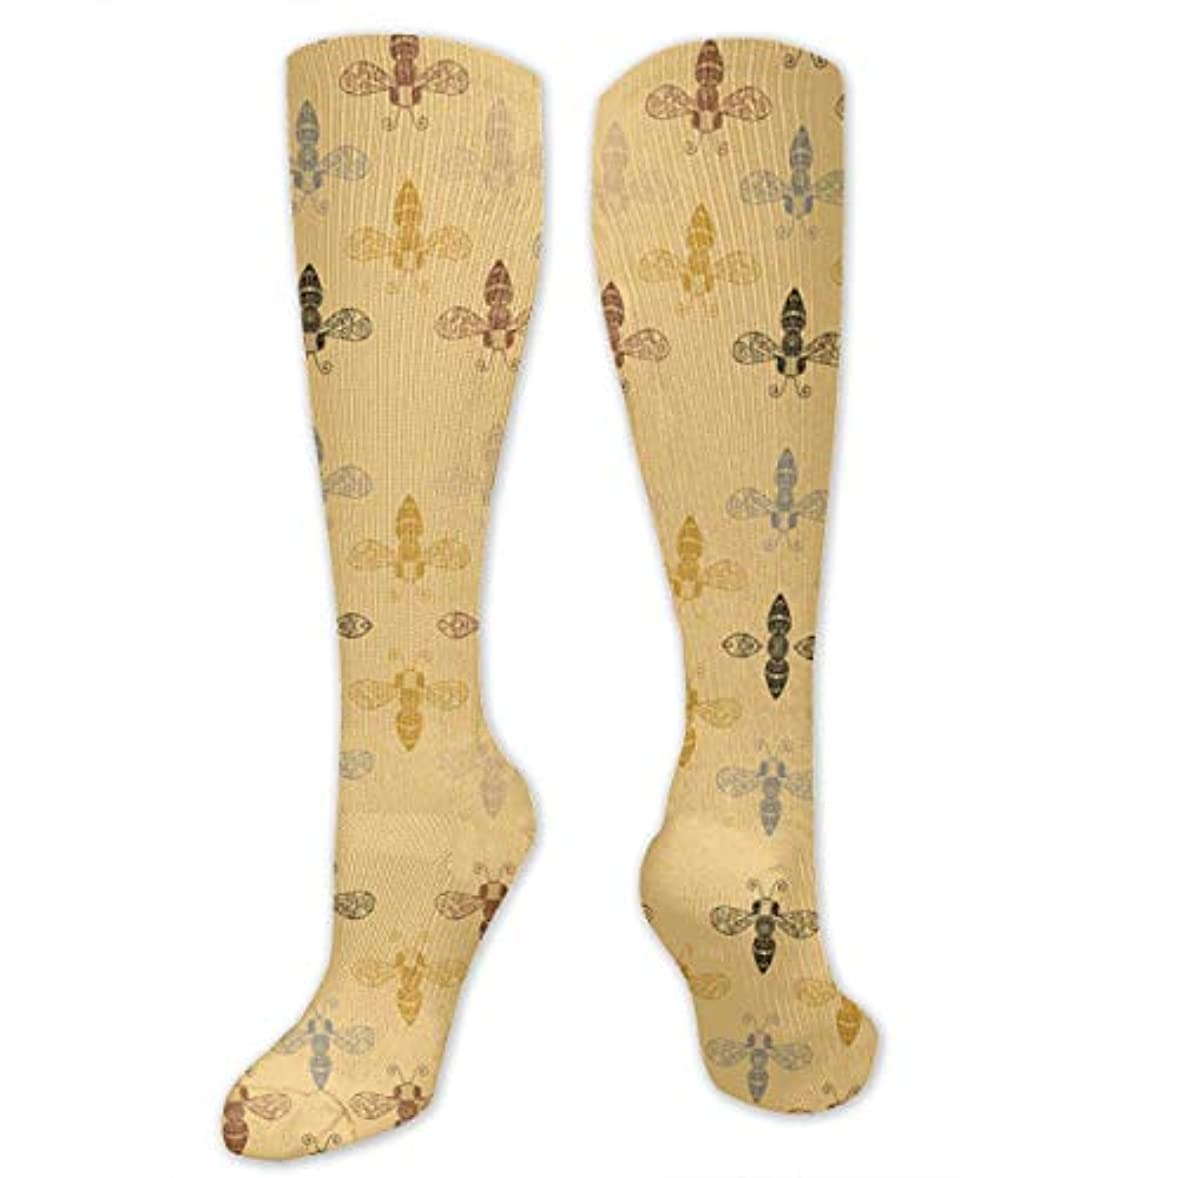 意志ホールドオール無能靴下,ストッキング,野生のジョーカー,実際,秋の本質,冬必須,サマーウェア&RBXAA Ornate Bees with Gap Socks Women's Winter Cotton Long Tube Socks Cotton...